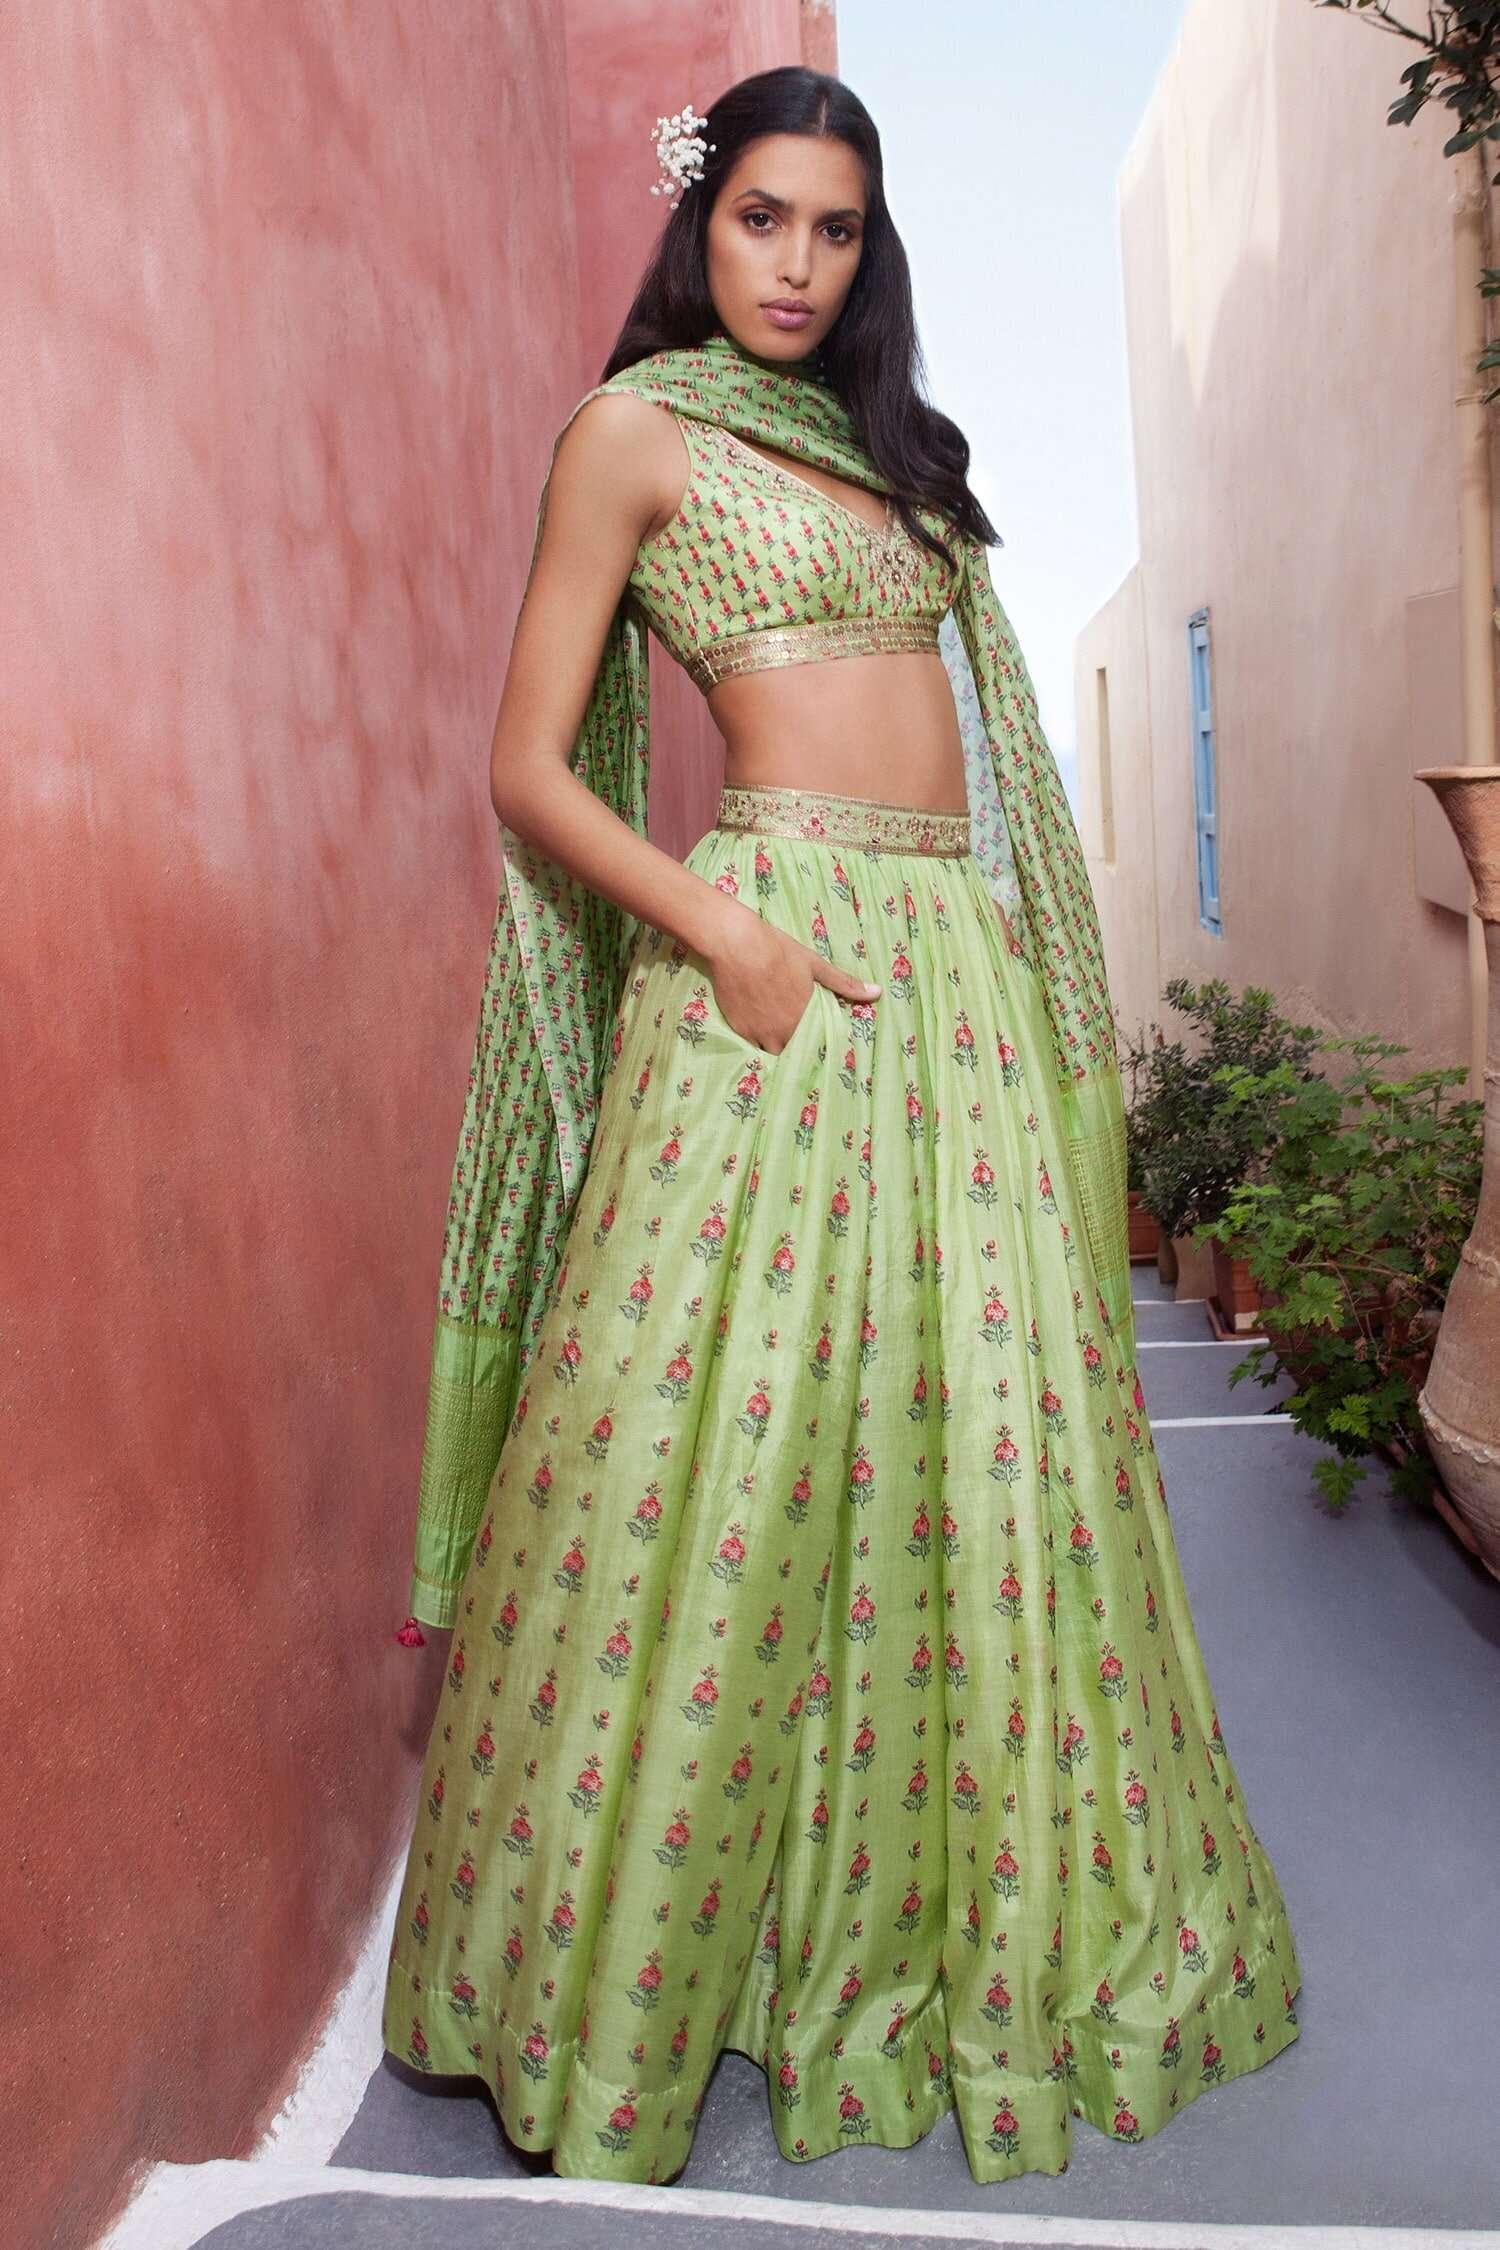 Anita Dongre Lehenga for Diwali Shopping